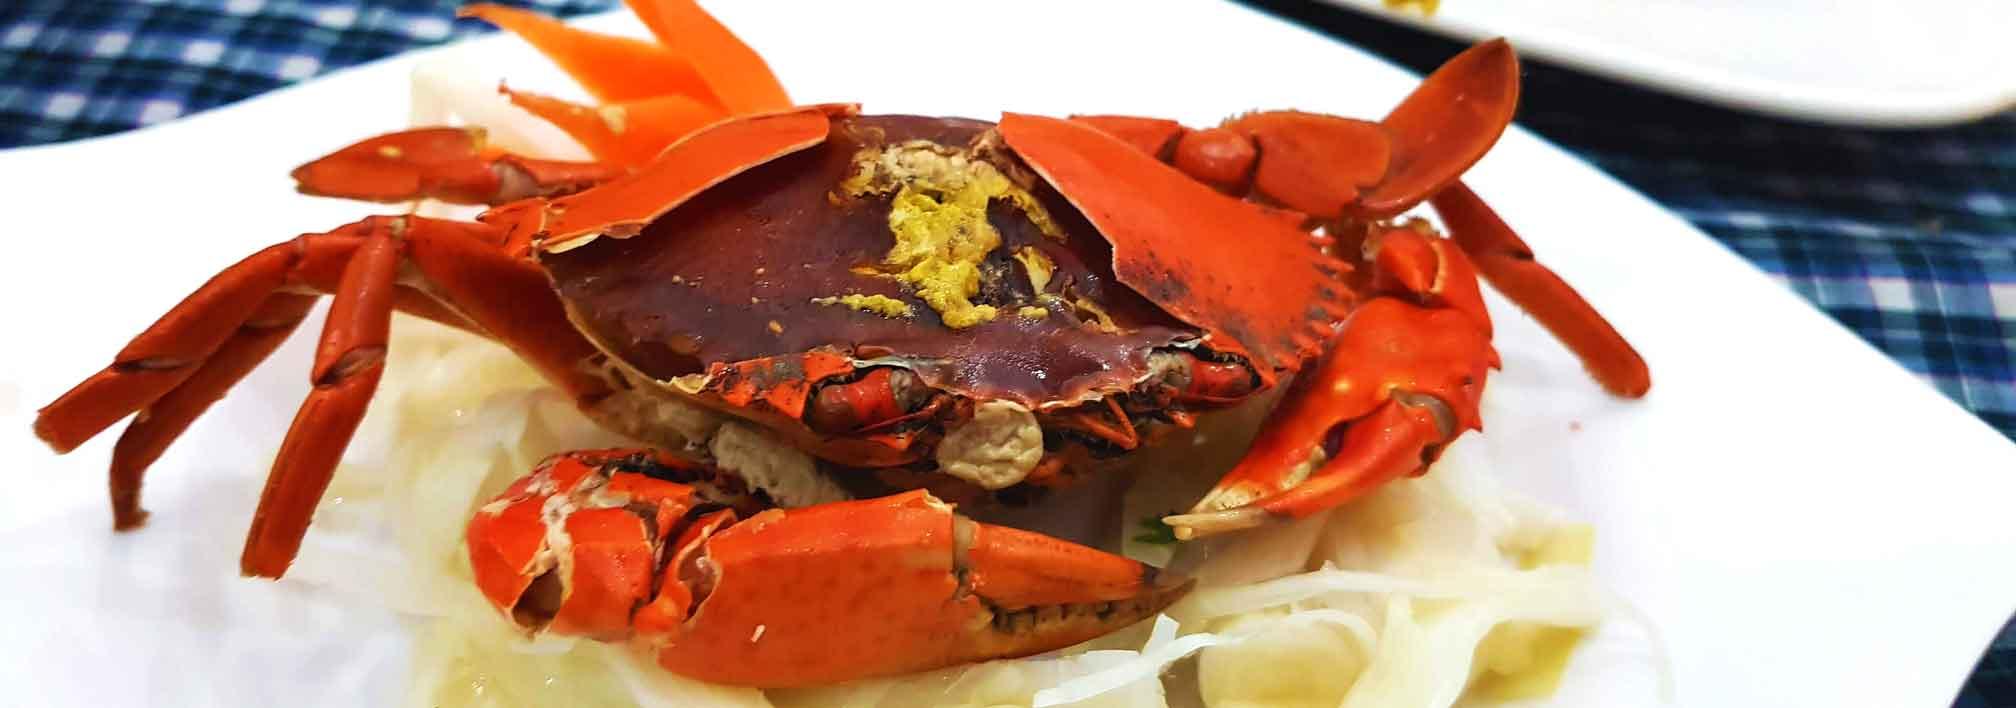 Ít người biết rằng, các món ăn từ cua biển là liều tăng lực rất tốt, giúp quý ông duy trì phong độ và không gây tác dụng phụ. Các món ăn từ cua biển giúp bổ thận tráng dương, chữa chứng liệt dương.